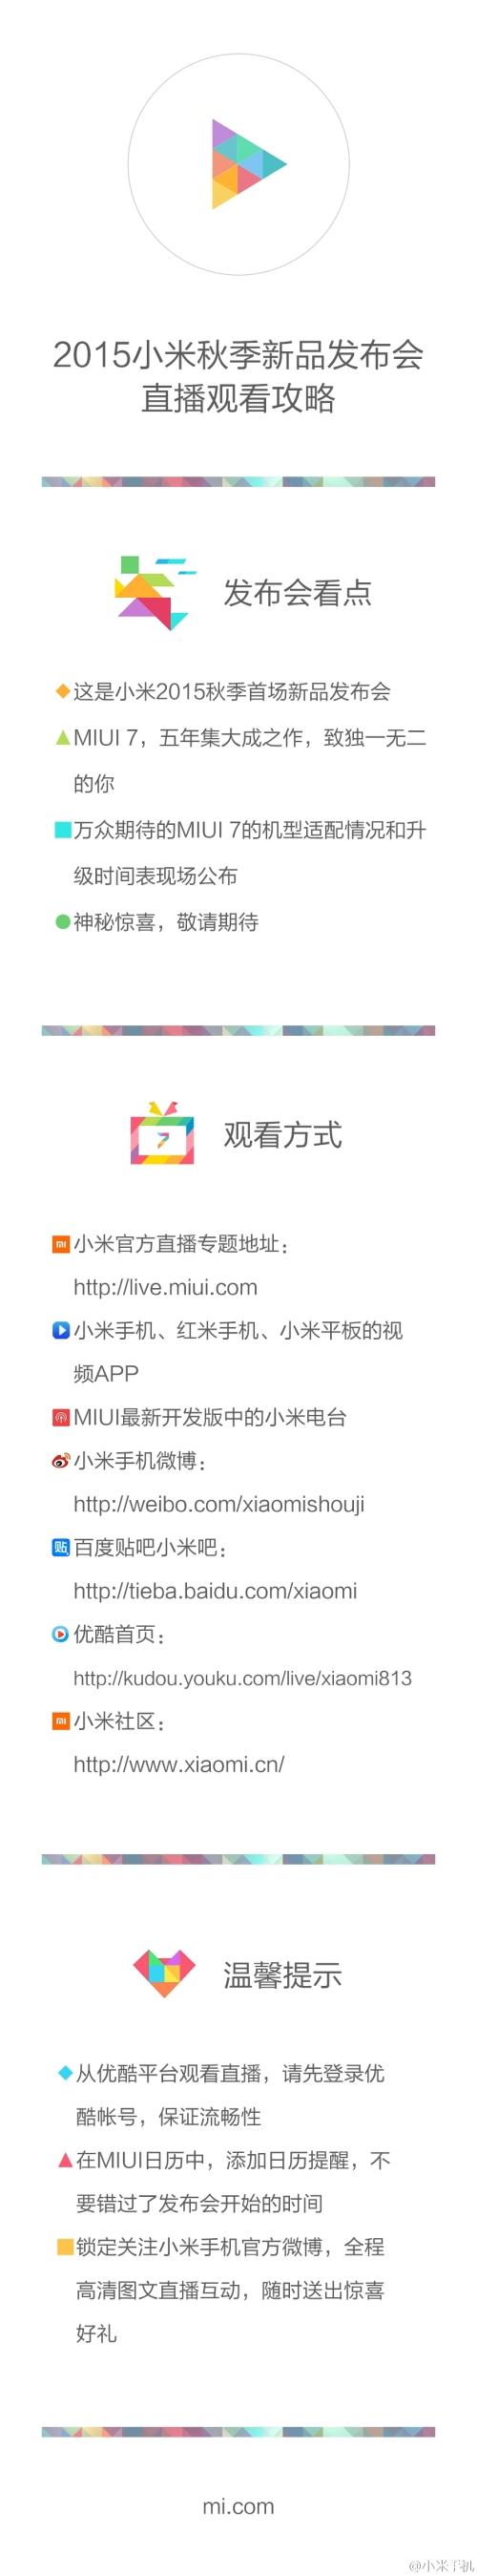 XiaomiLeiJunMIUI7Weibo02